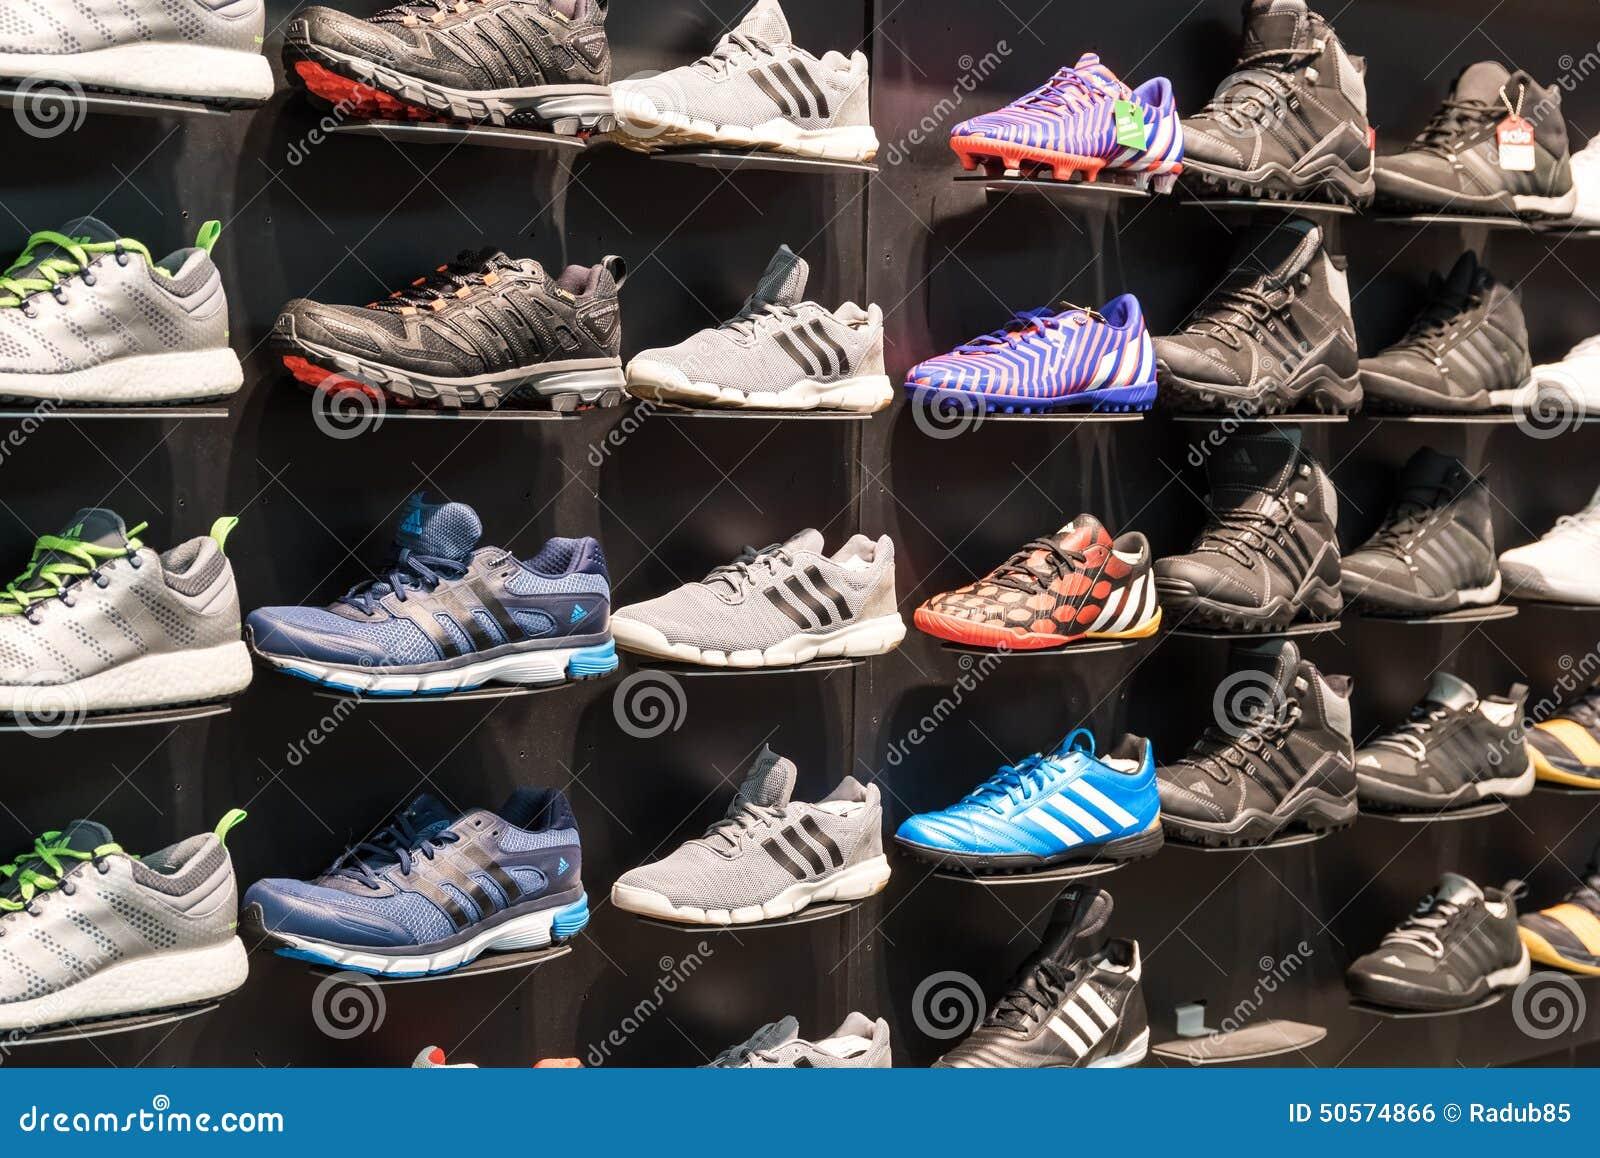 negozio scarpe adidas matera